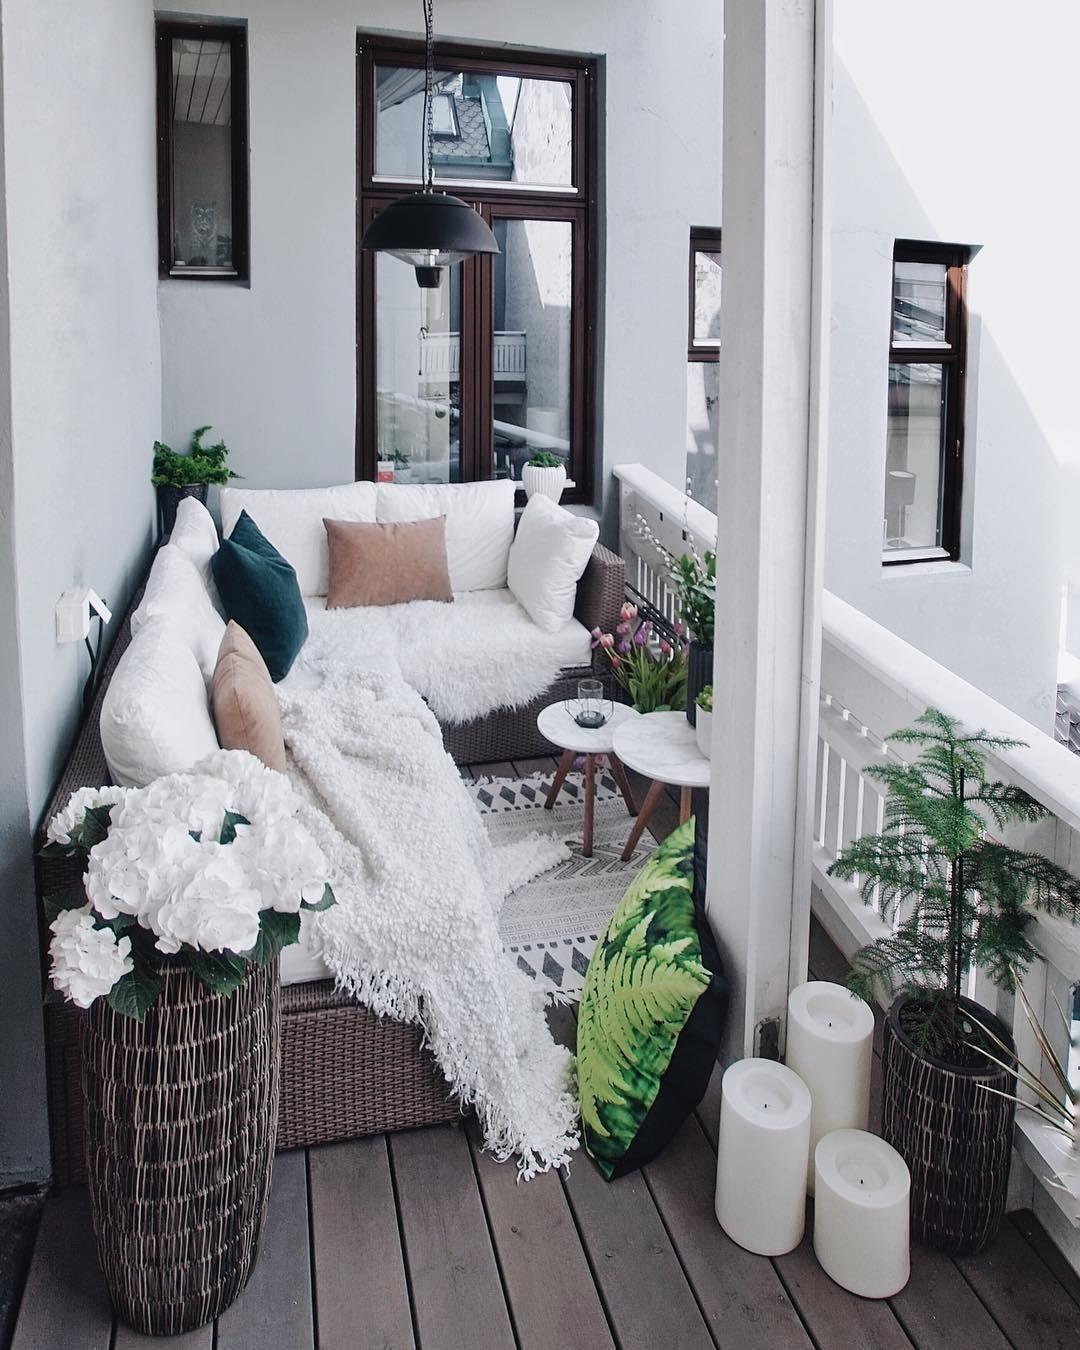 Pin di maddalena fadda su balconi da arredare balcones peque os balcones e balcon terraza - Decorazione archi in casa ...